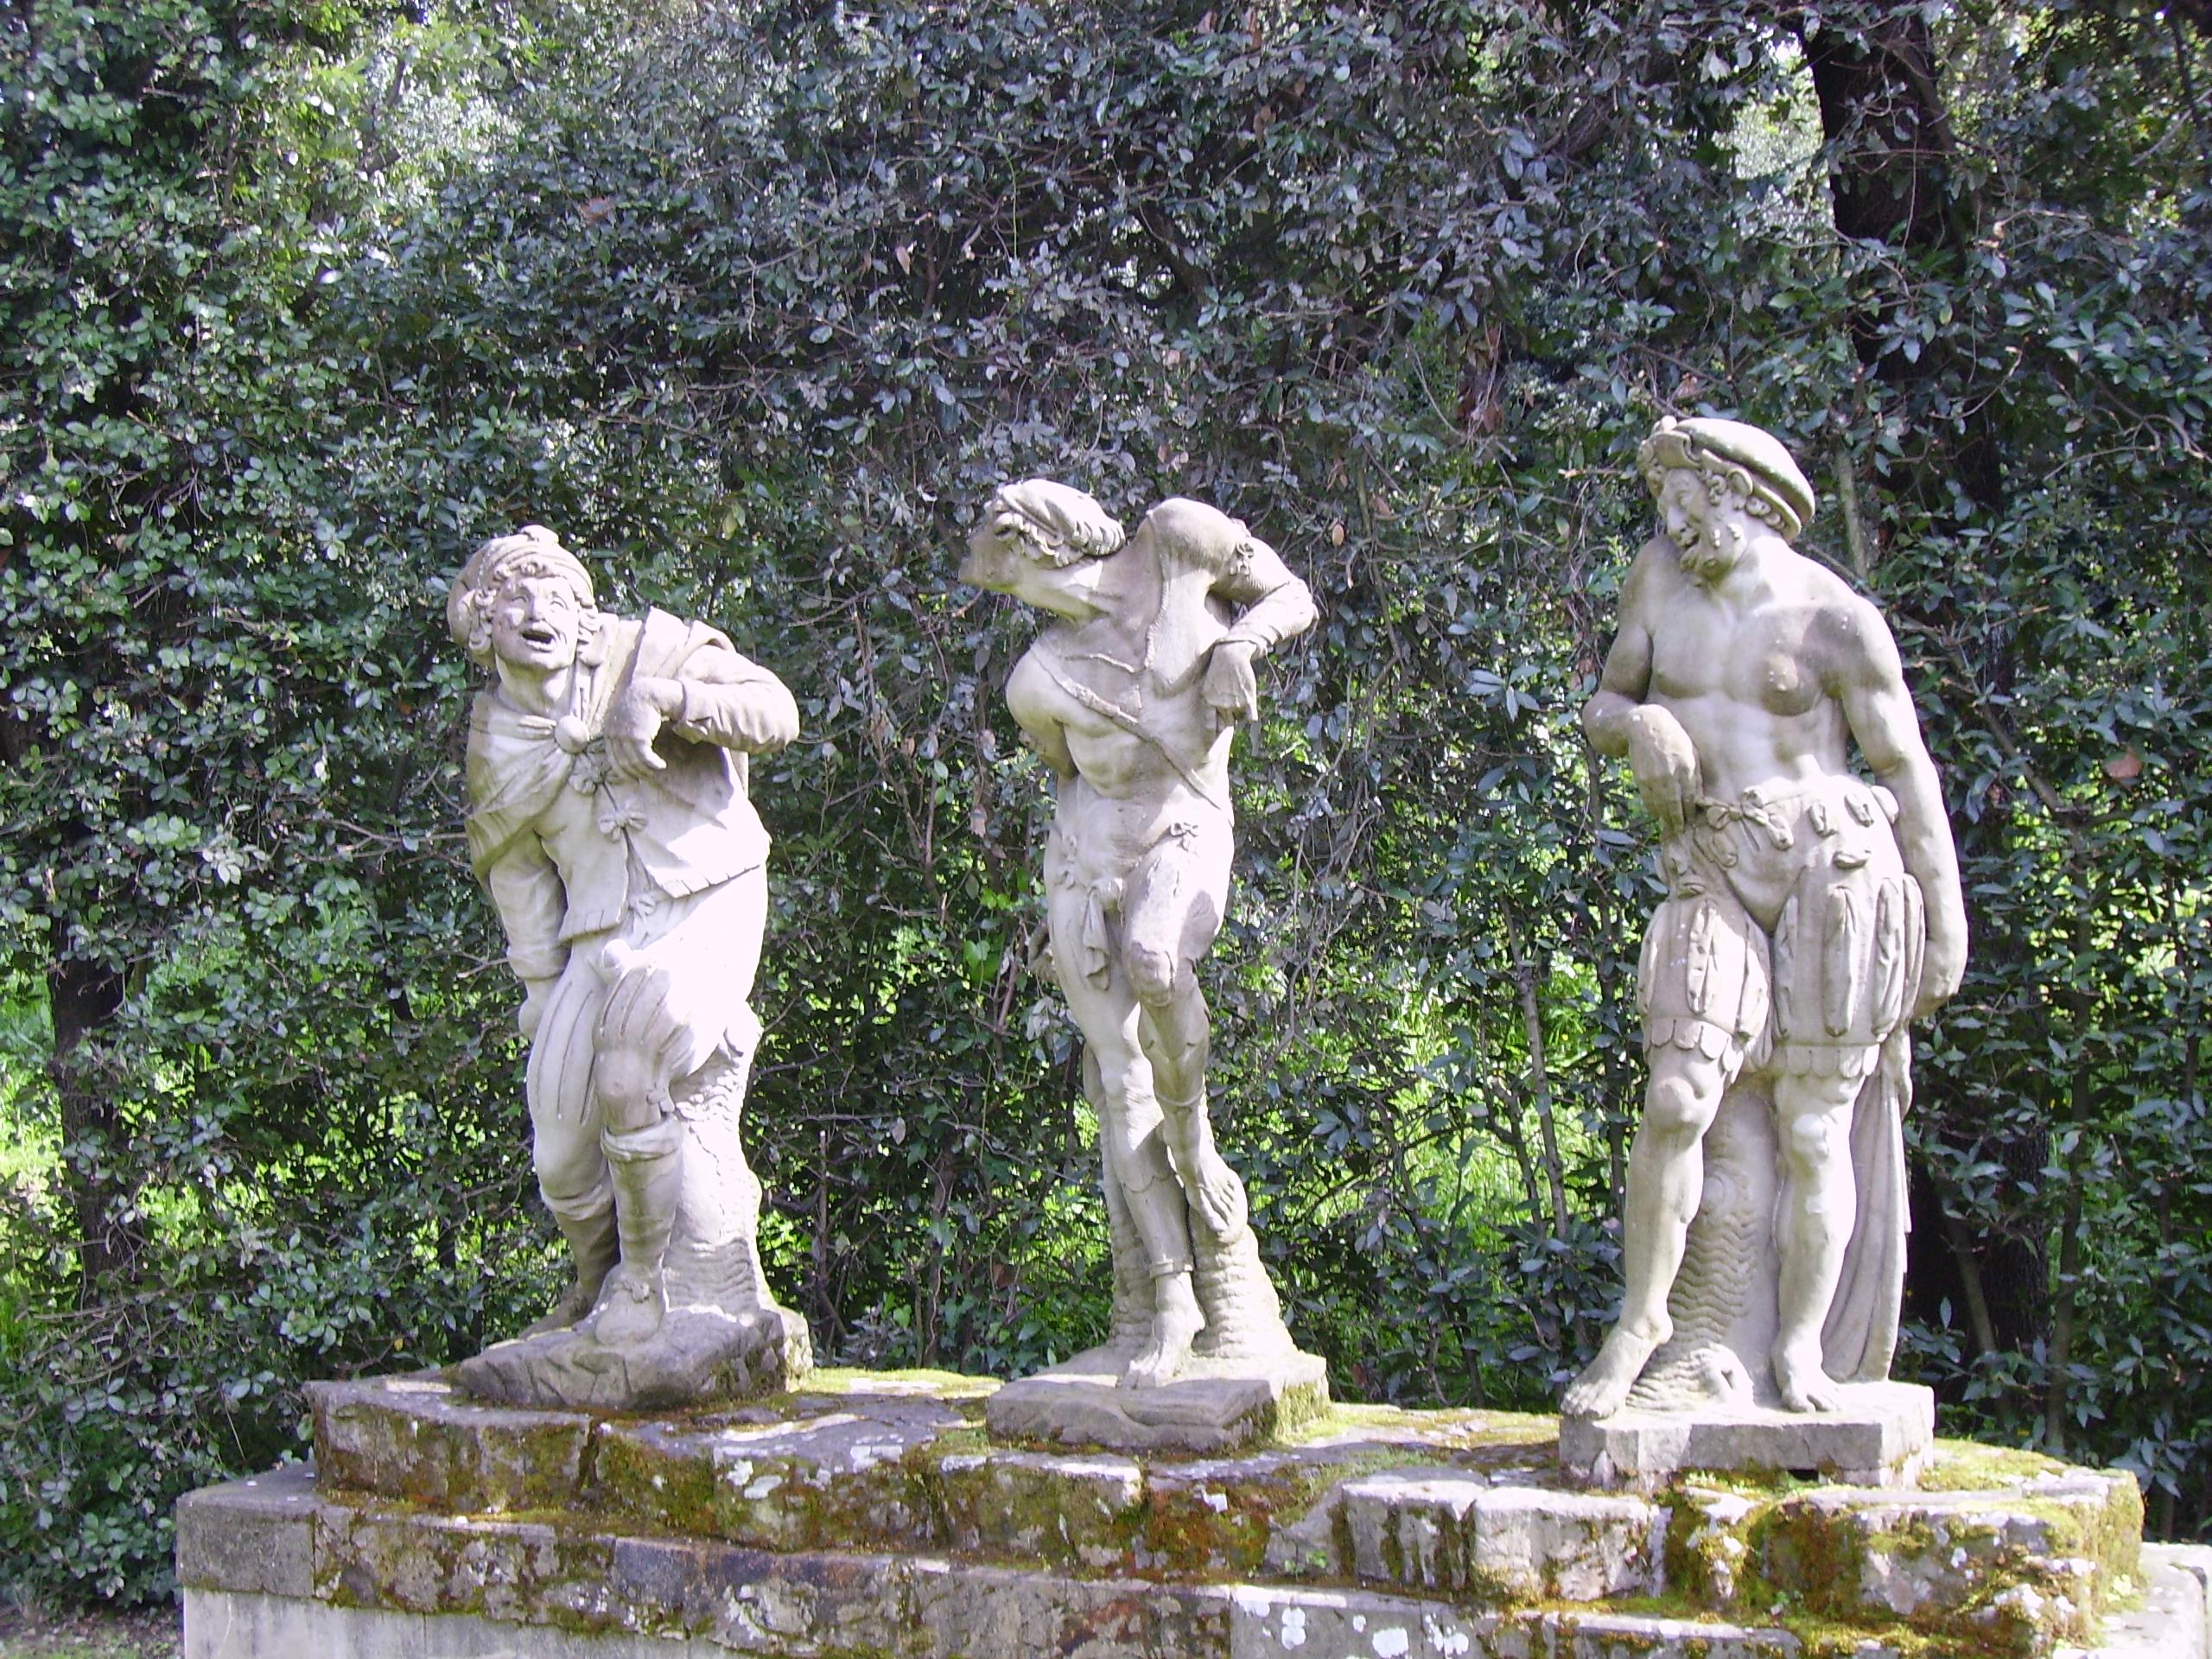 File:Romolo Ferrucci del Tadda-Three grotesque figuers-Boboli Gardens.jpg - Wikimedia Commons